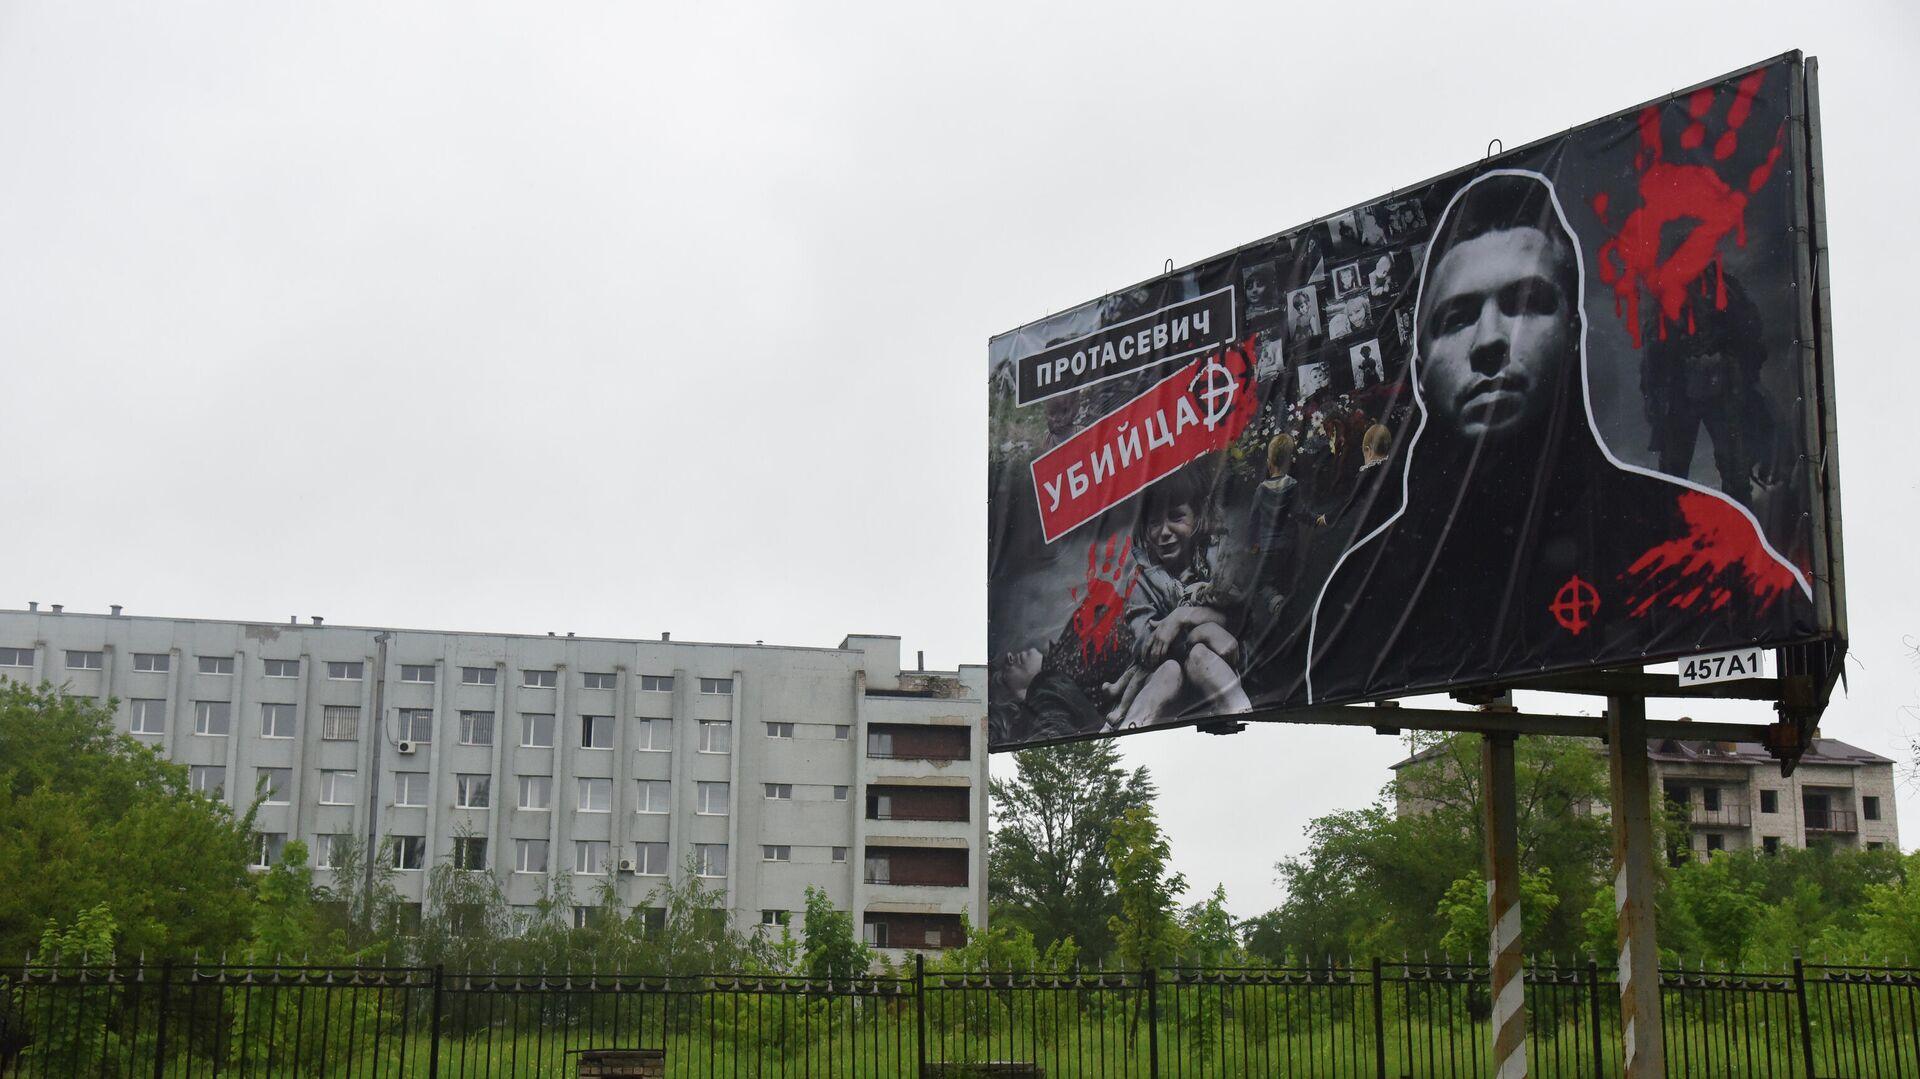 В ЛНР появились явились билборды с изображением Протасевича - РИА Новости, 1920, 07.06.2021